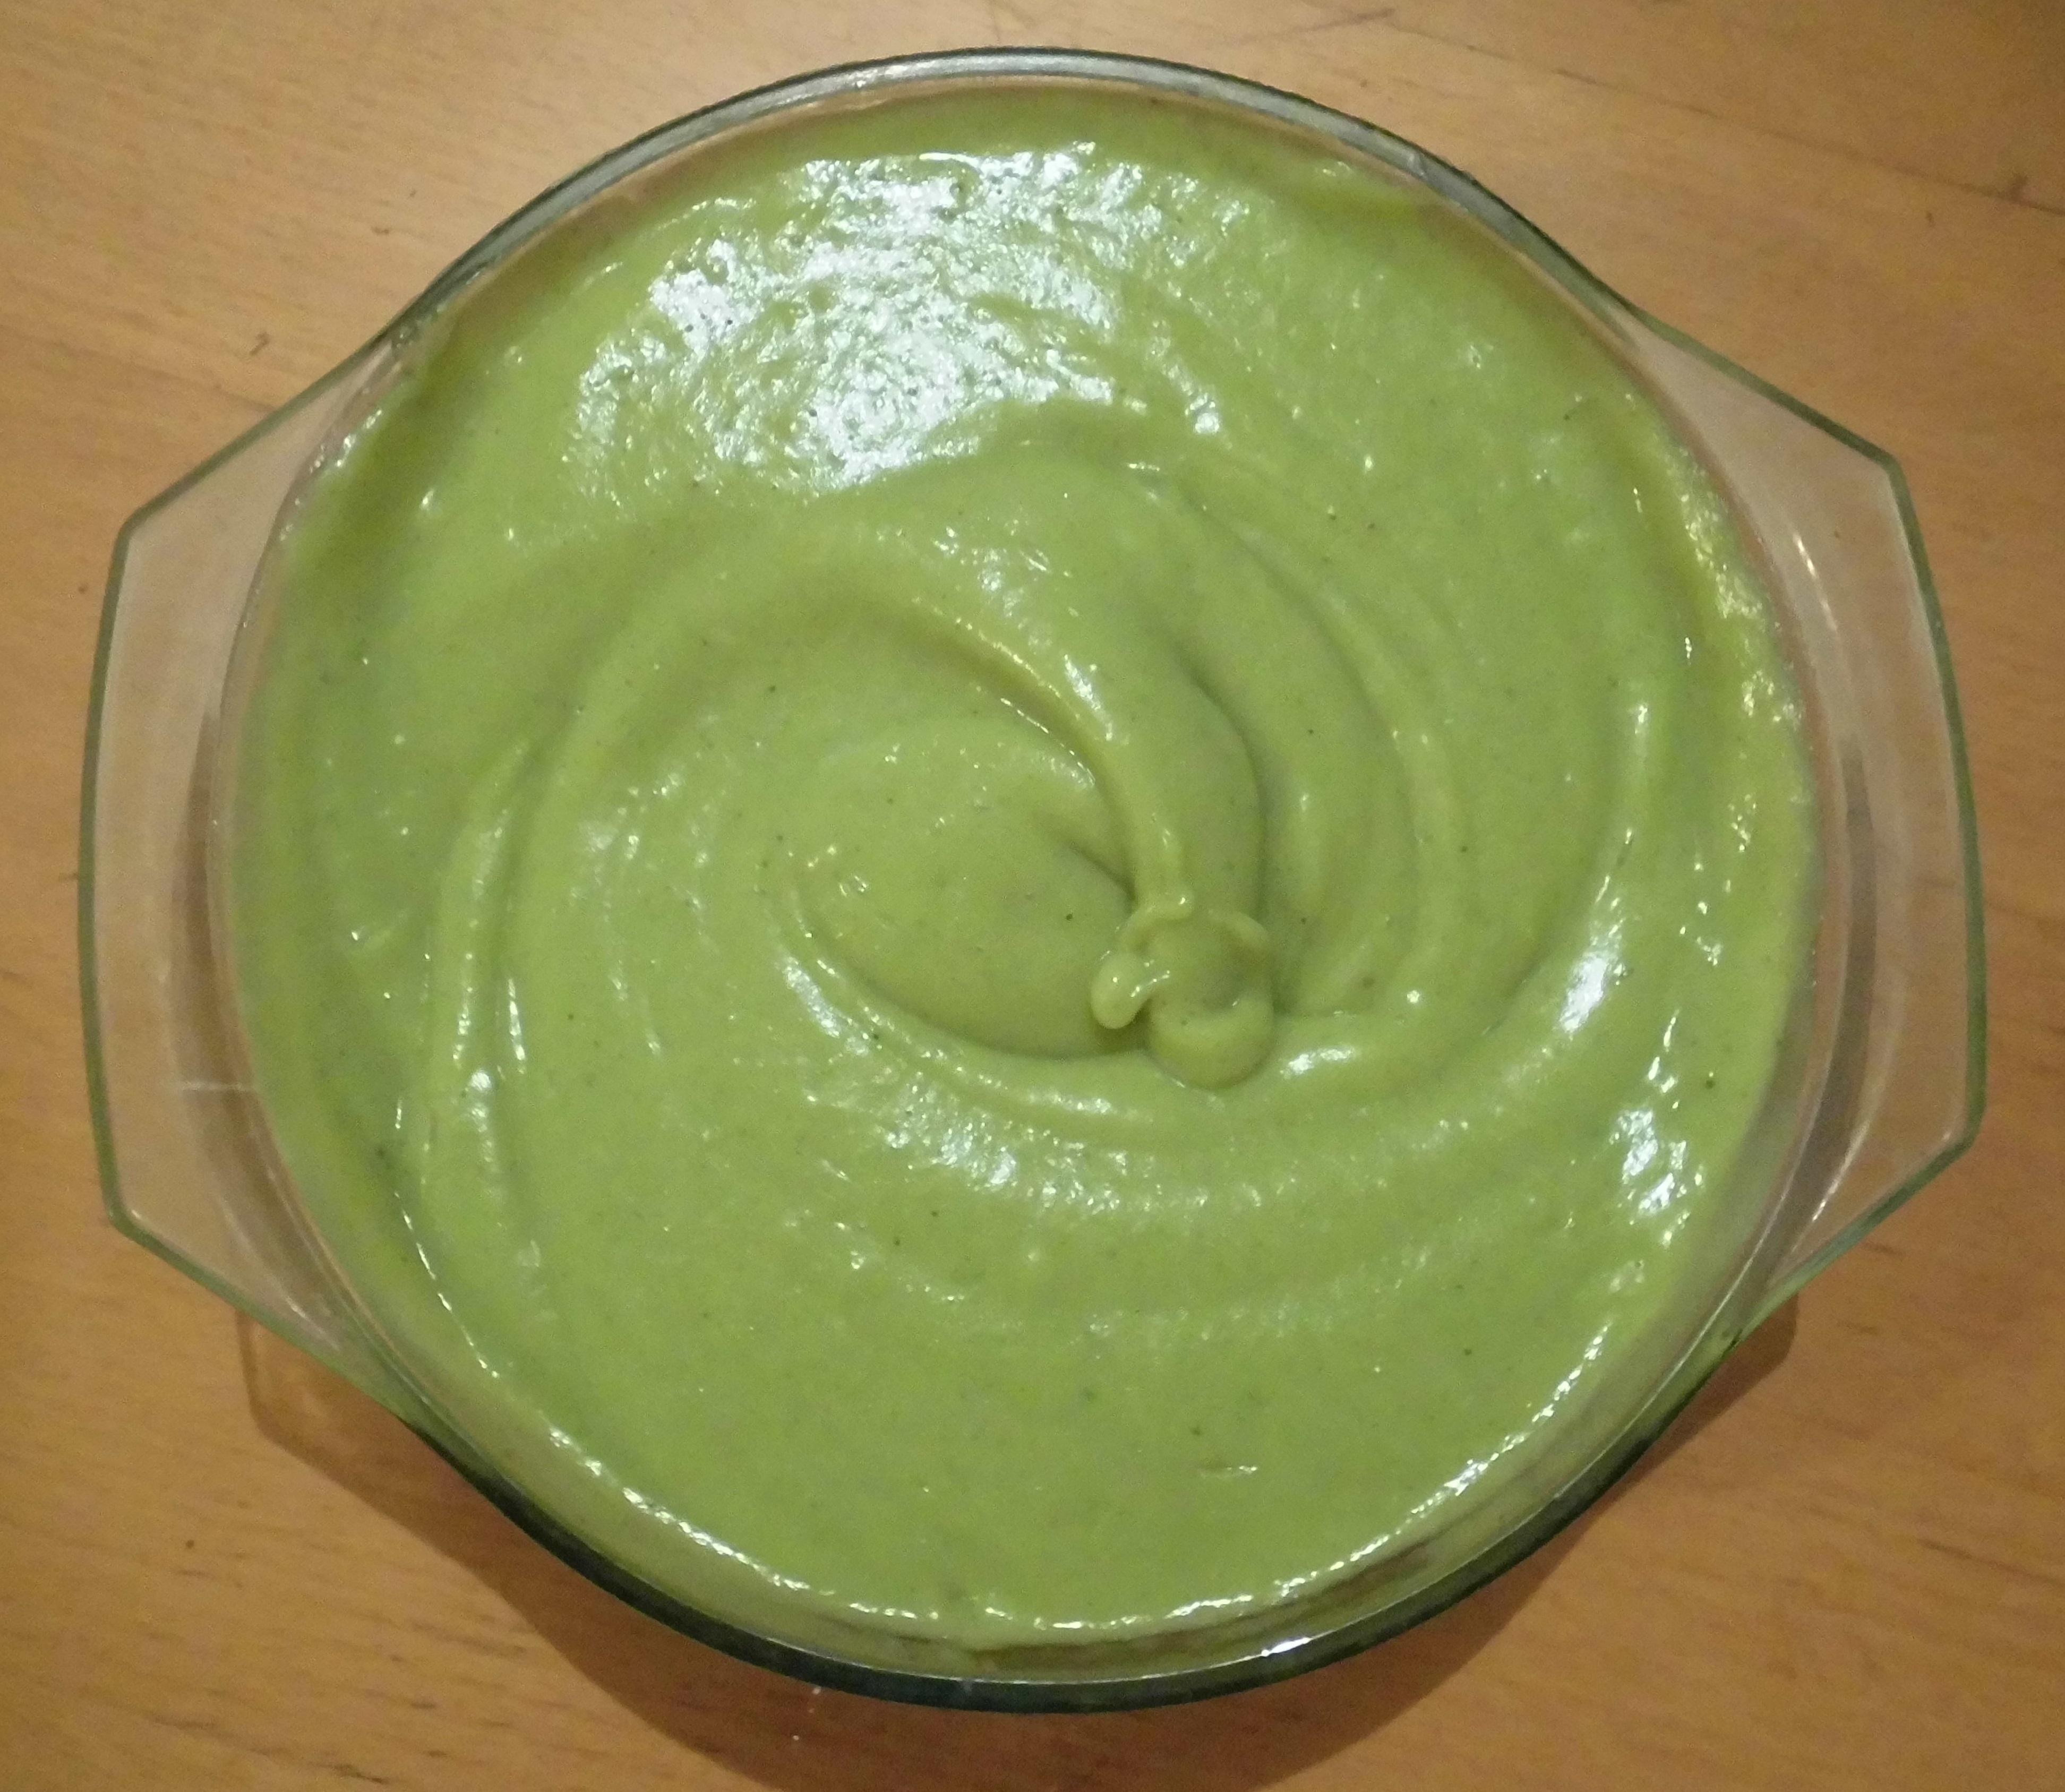 purée brocoli pdt